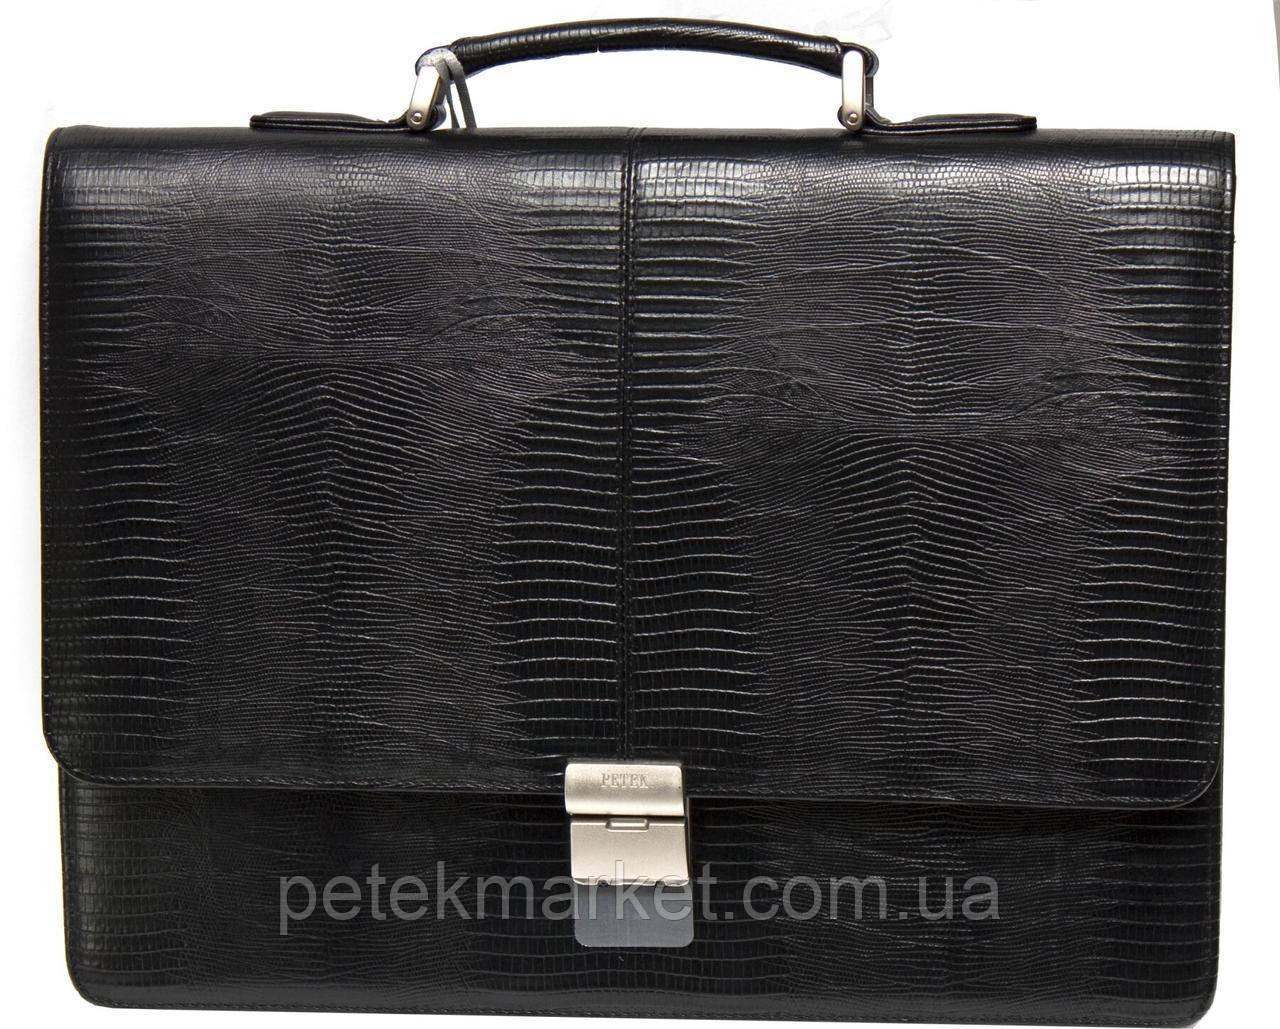 Кожаный портфель Petek 777